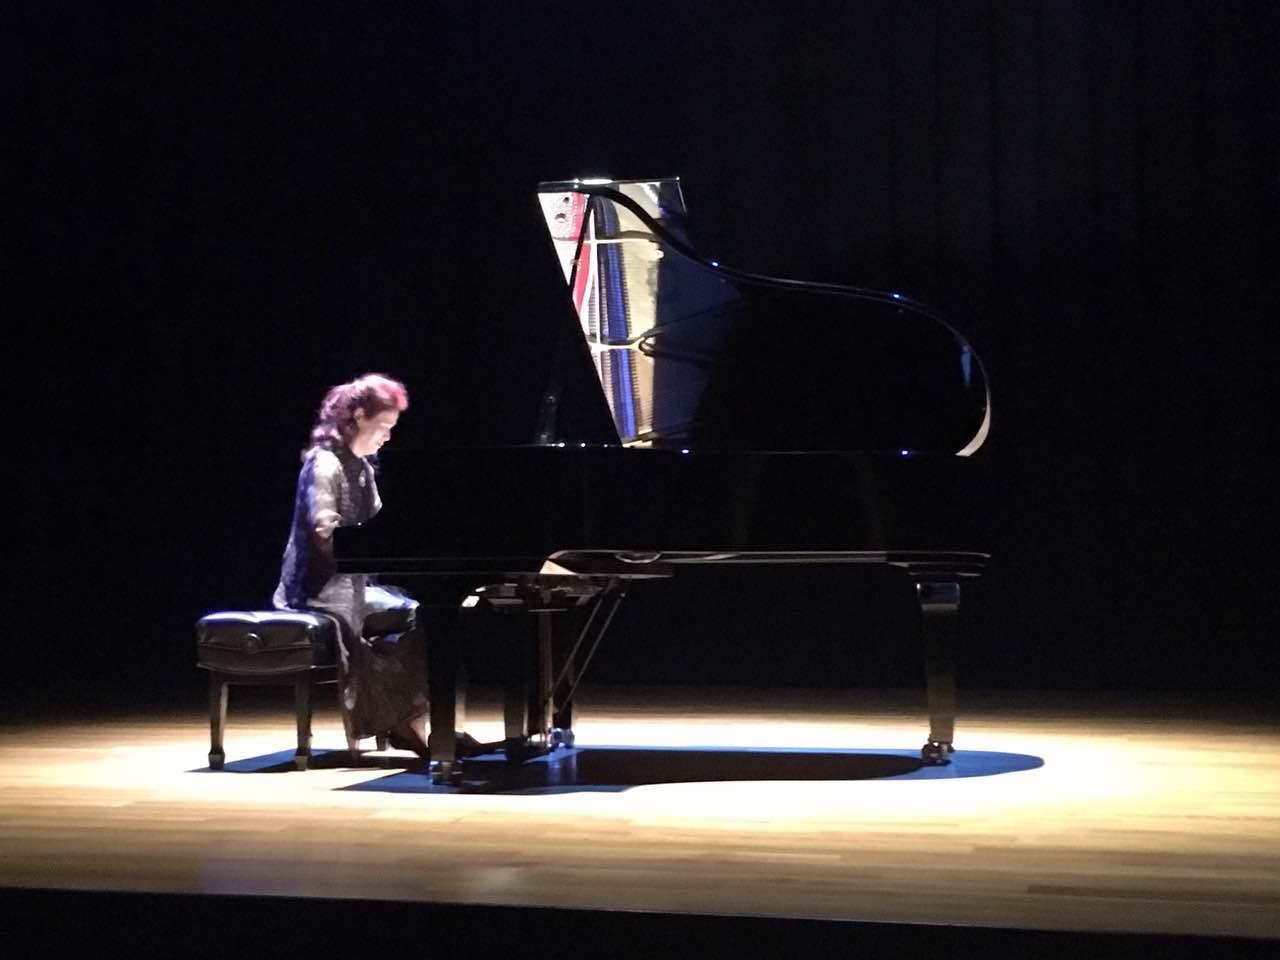 台灣鋼琴家鄒南茜演奏蕭邦的夜曲。(記者陳開/攝影)